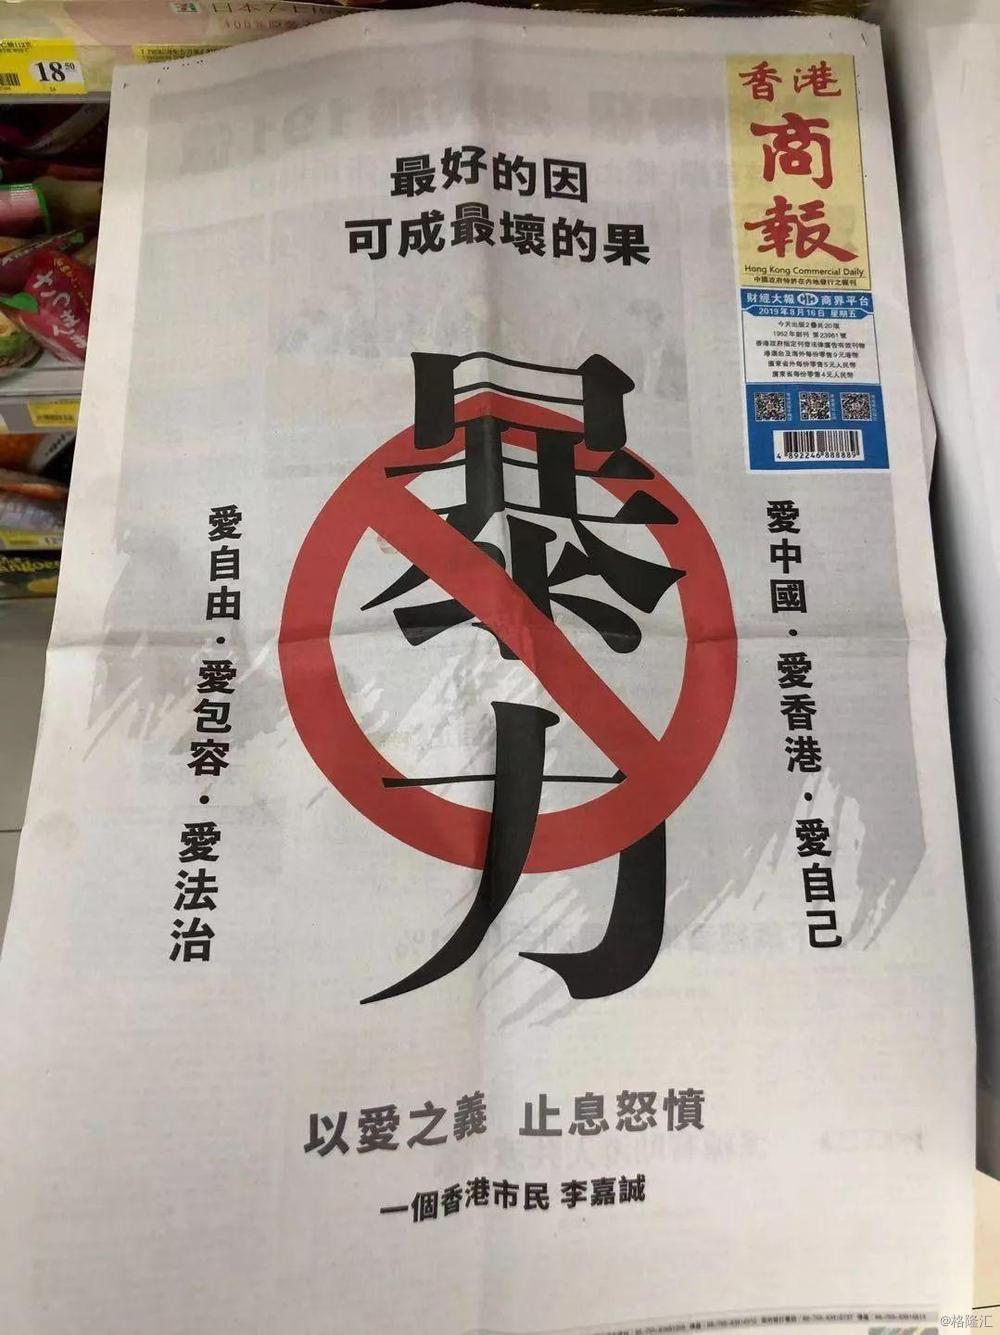 李嘉诚发声!买断香港报纸头版,明确表态反对暴力